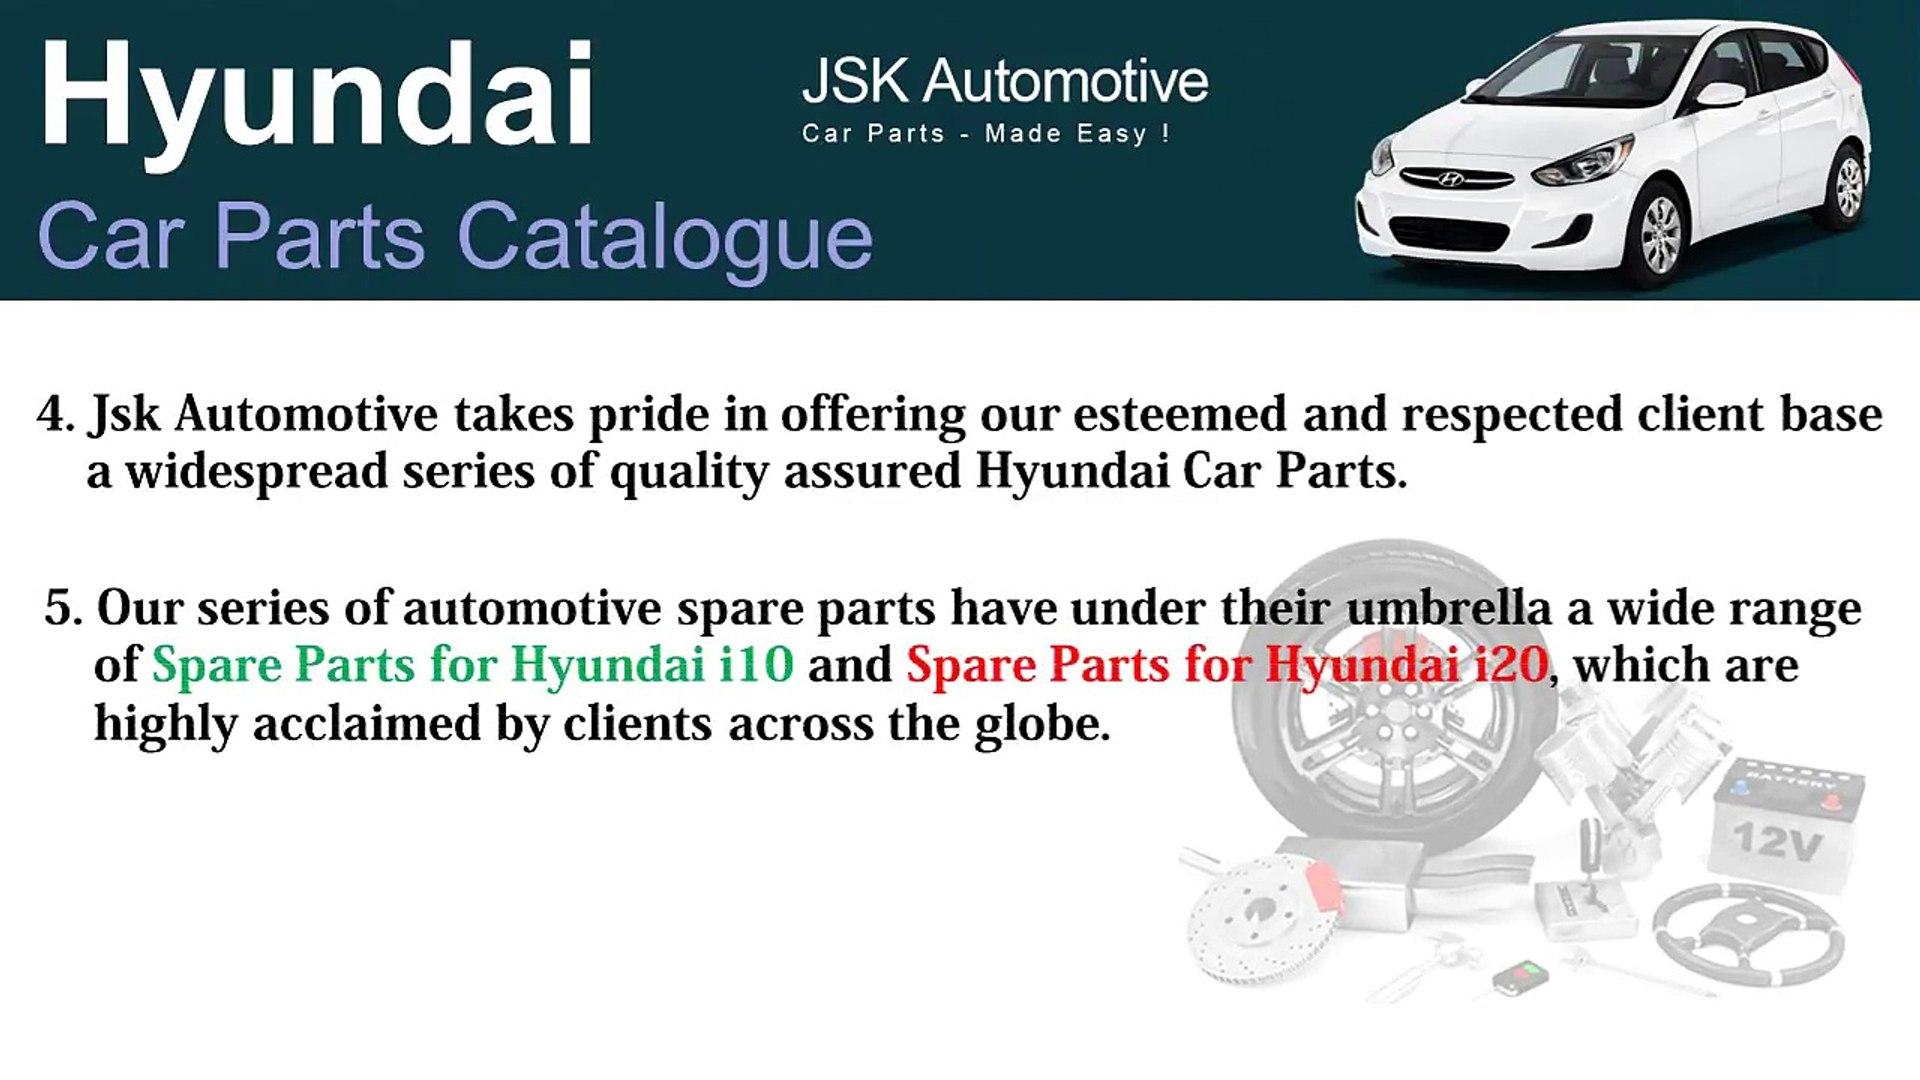 Hyundai Car Parts Name - Hyundai Car Parts Catalogue - Hyundai Spare Parts  Online